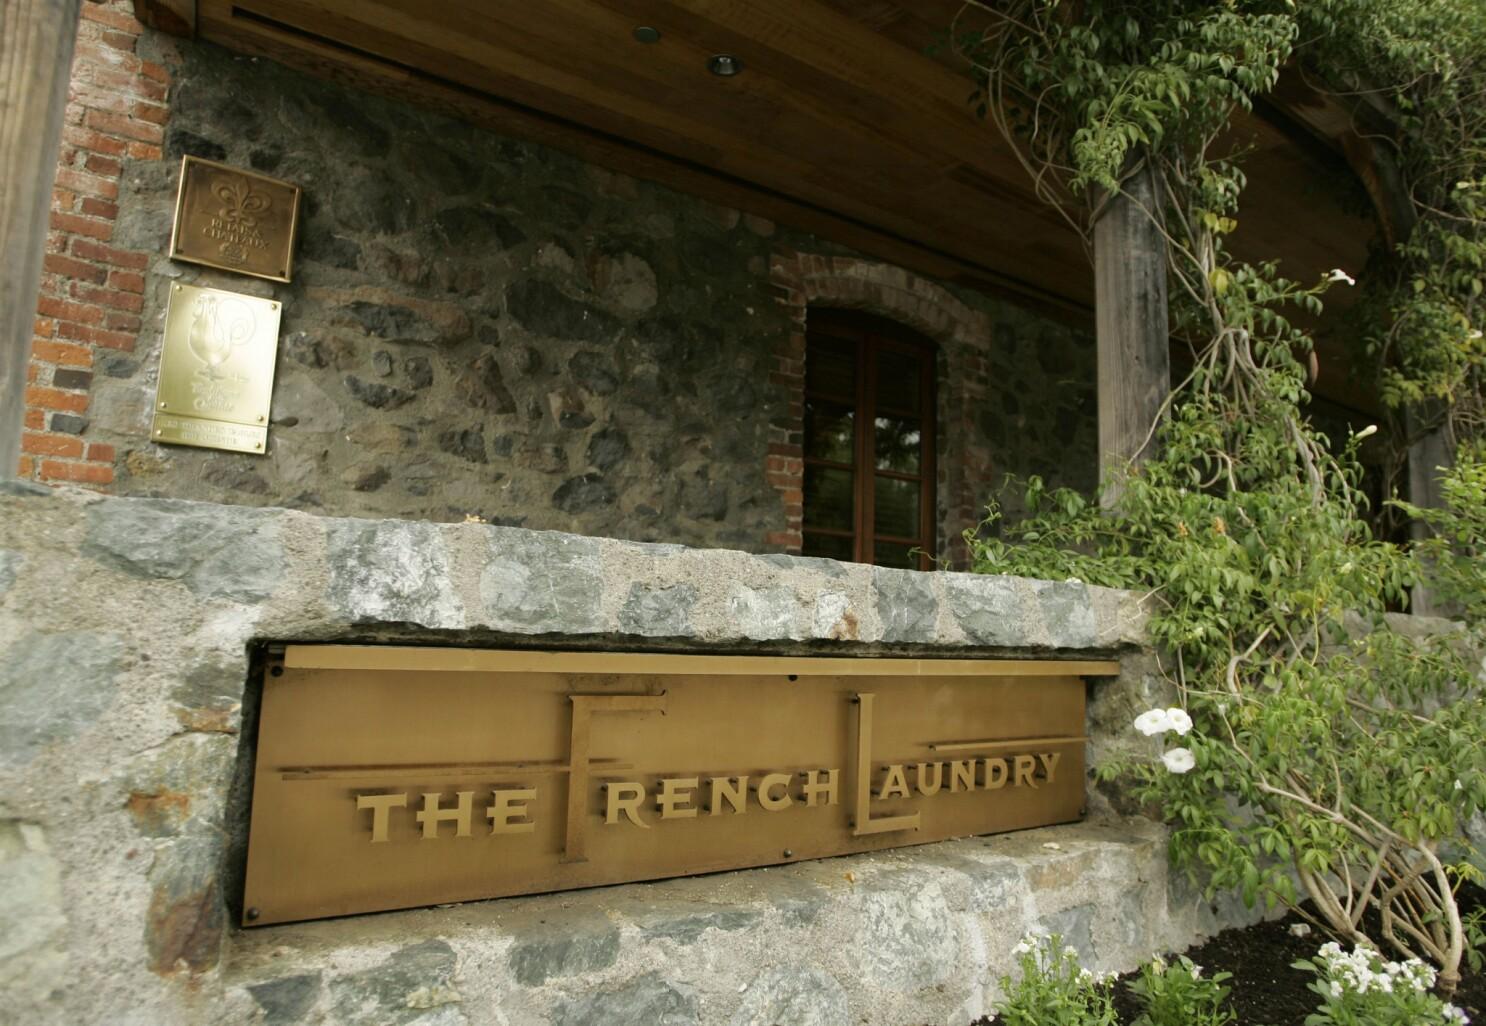 famed French Laundry restaurant ...